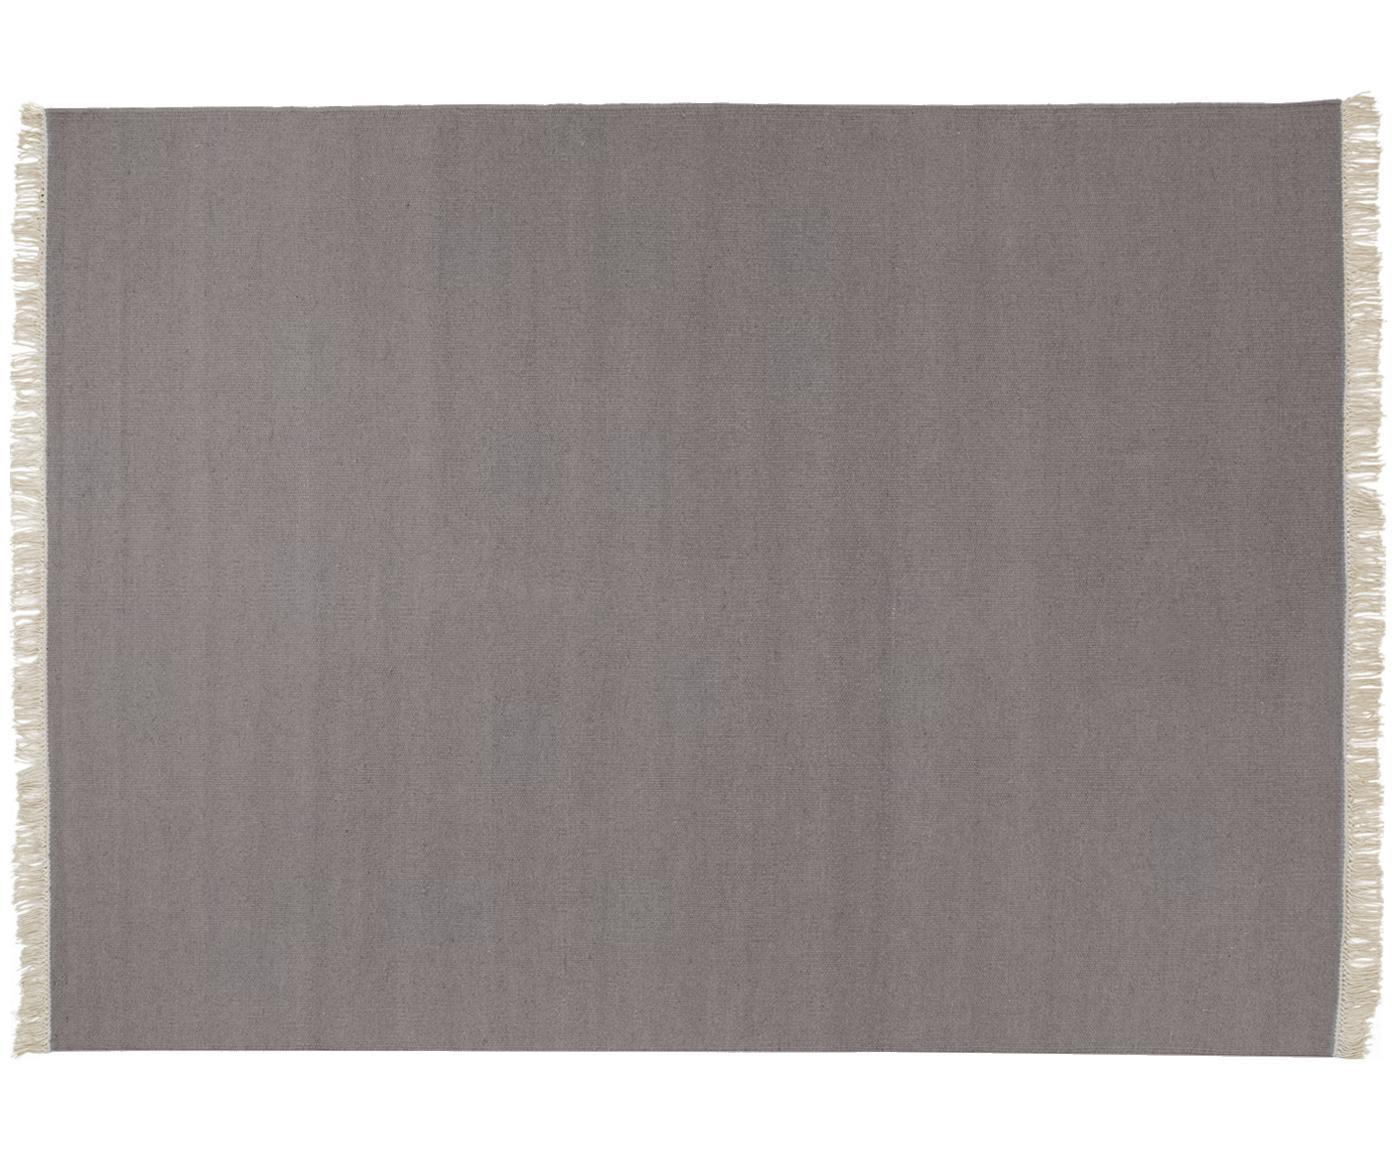 Alfombra artesanal de lana con flecos Rainbow, Parte superior: lana, Reverso: algodón, Gris claro, An 140 x L 200 cm (Tamaño S)